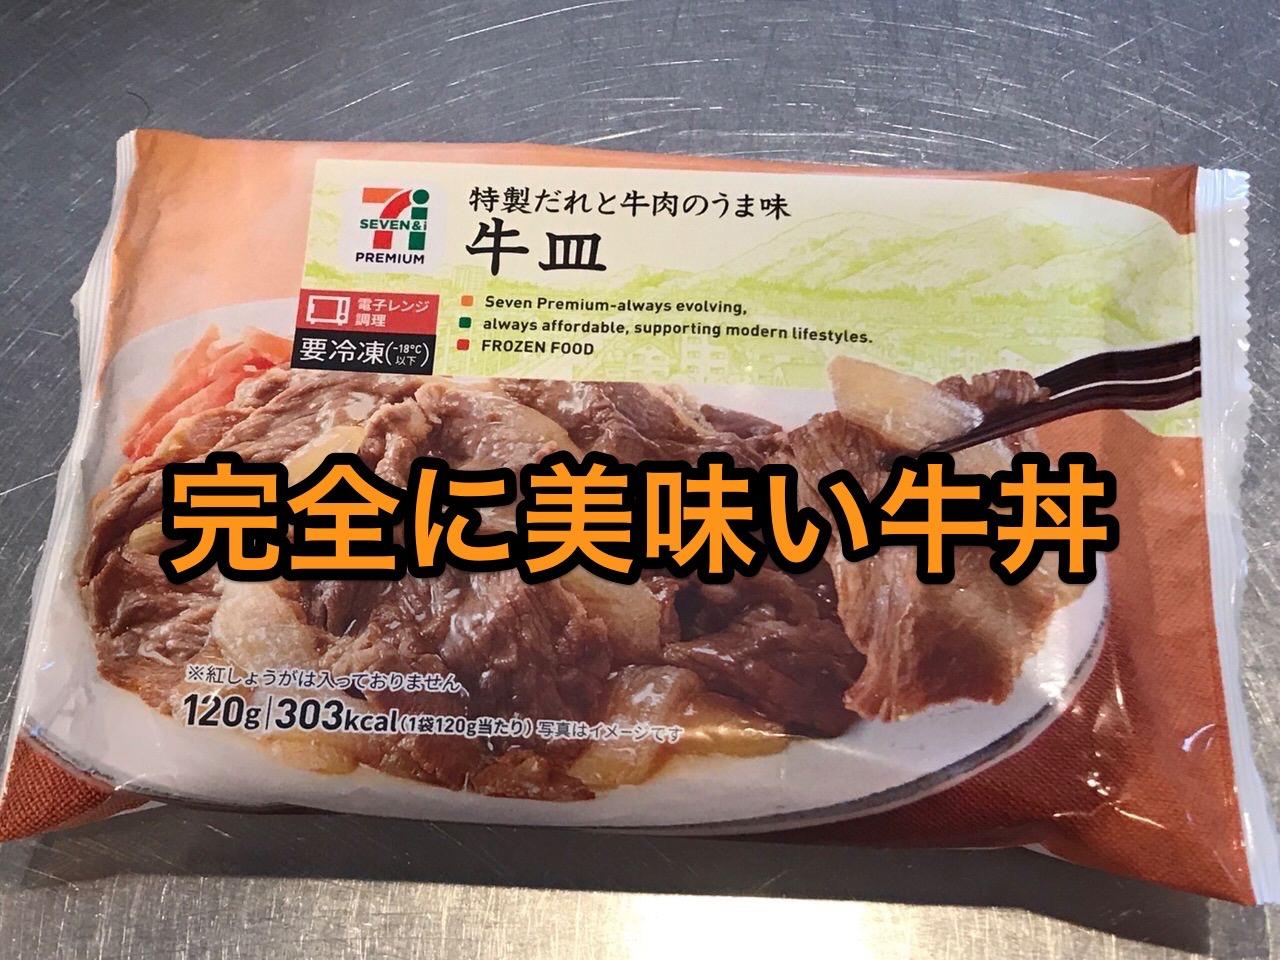 【セブンイレブン】冷凍食品「牛皿」脂の美味い、牛丼に、してやる。